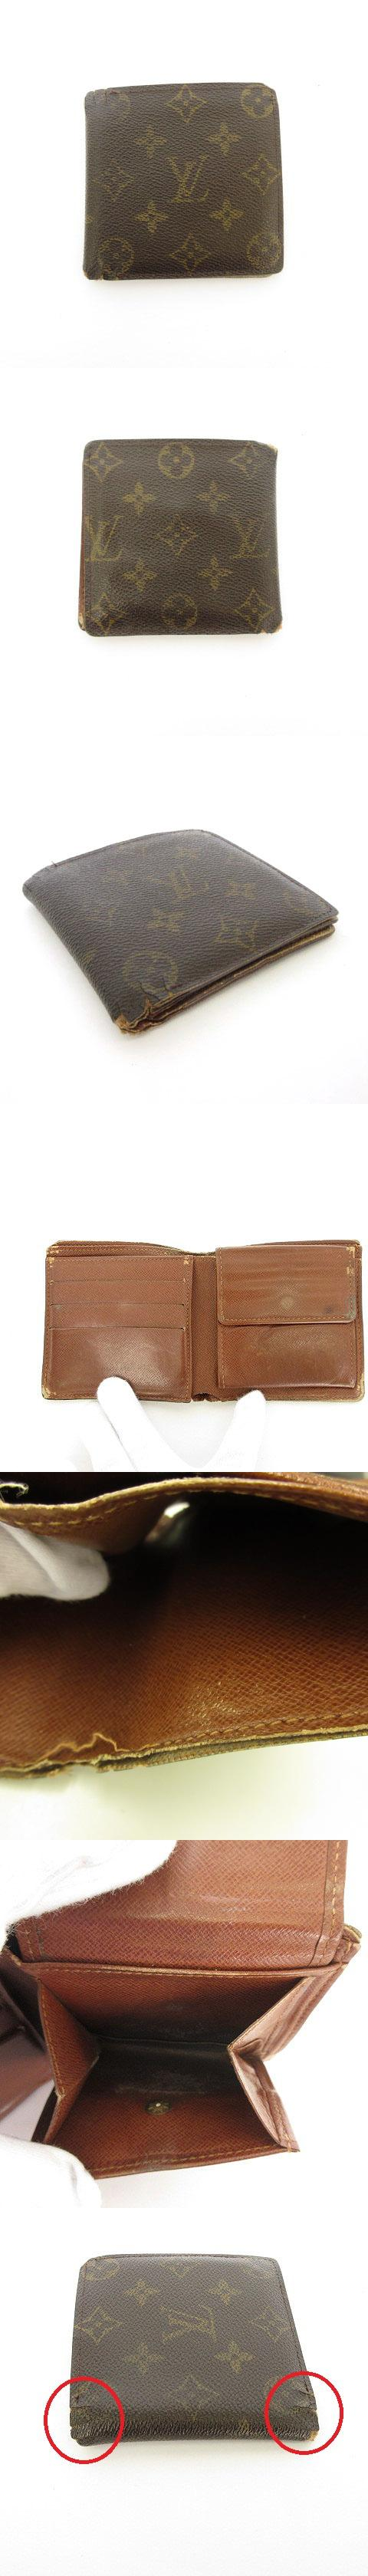 ポルトビエ カルトクレディ モネ モノグラム 財布 二つ折り 茶 ブラウン M61665 ☆CA☆キ30-3店 /tk0313